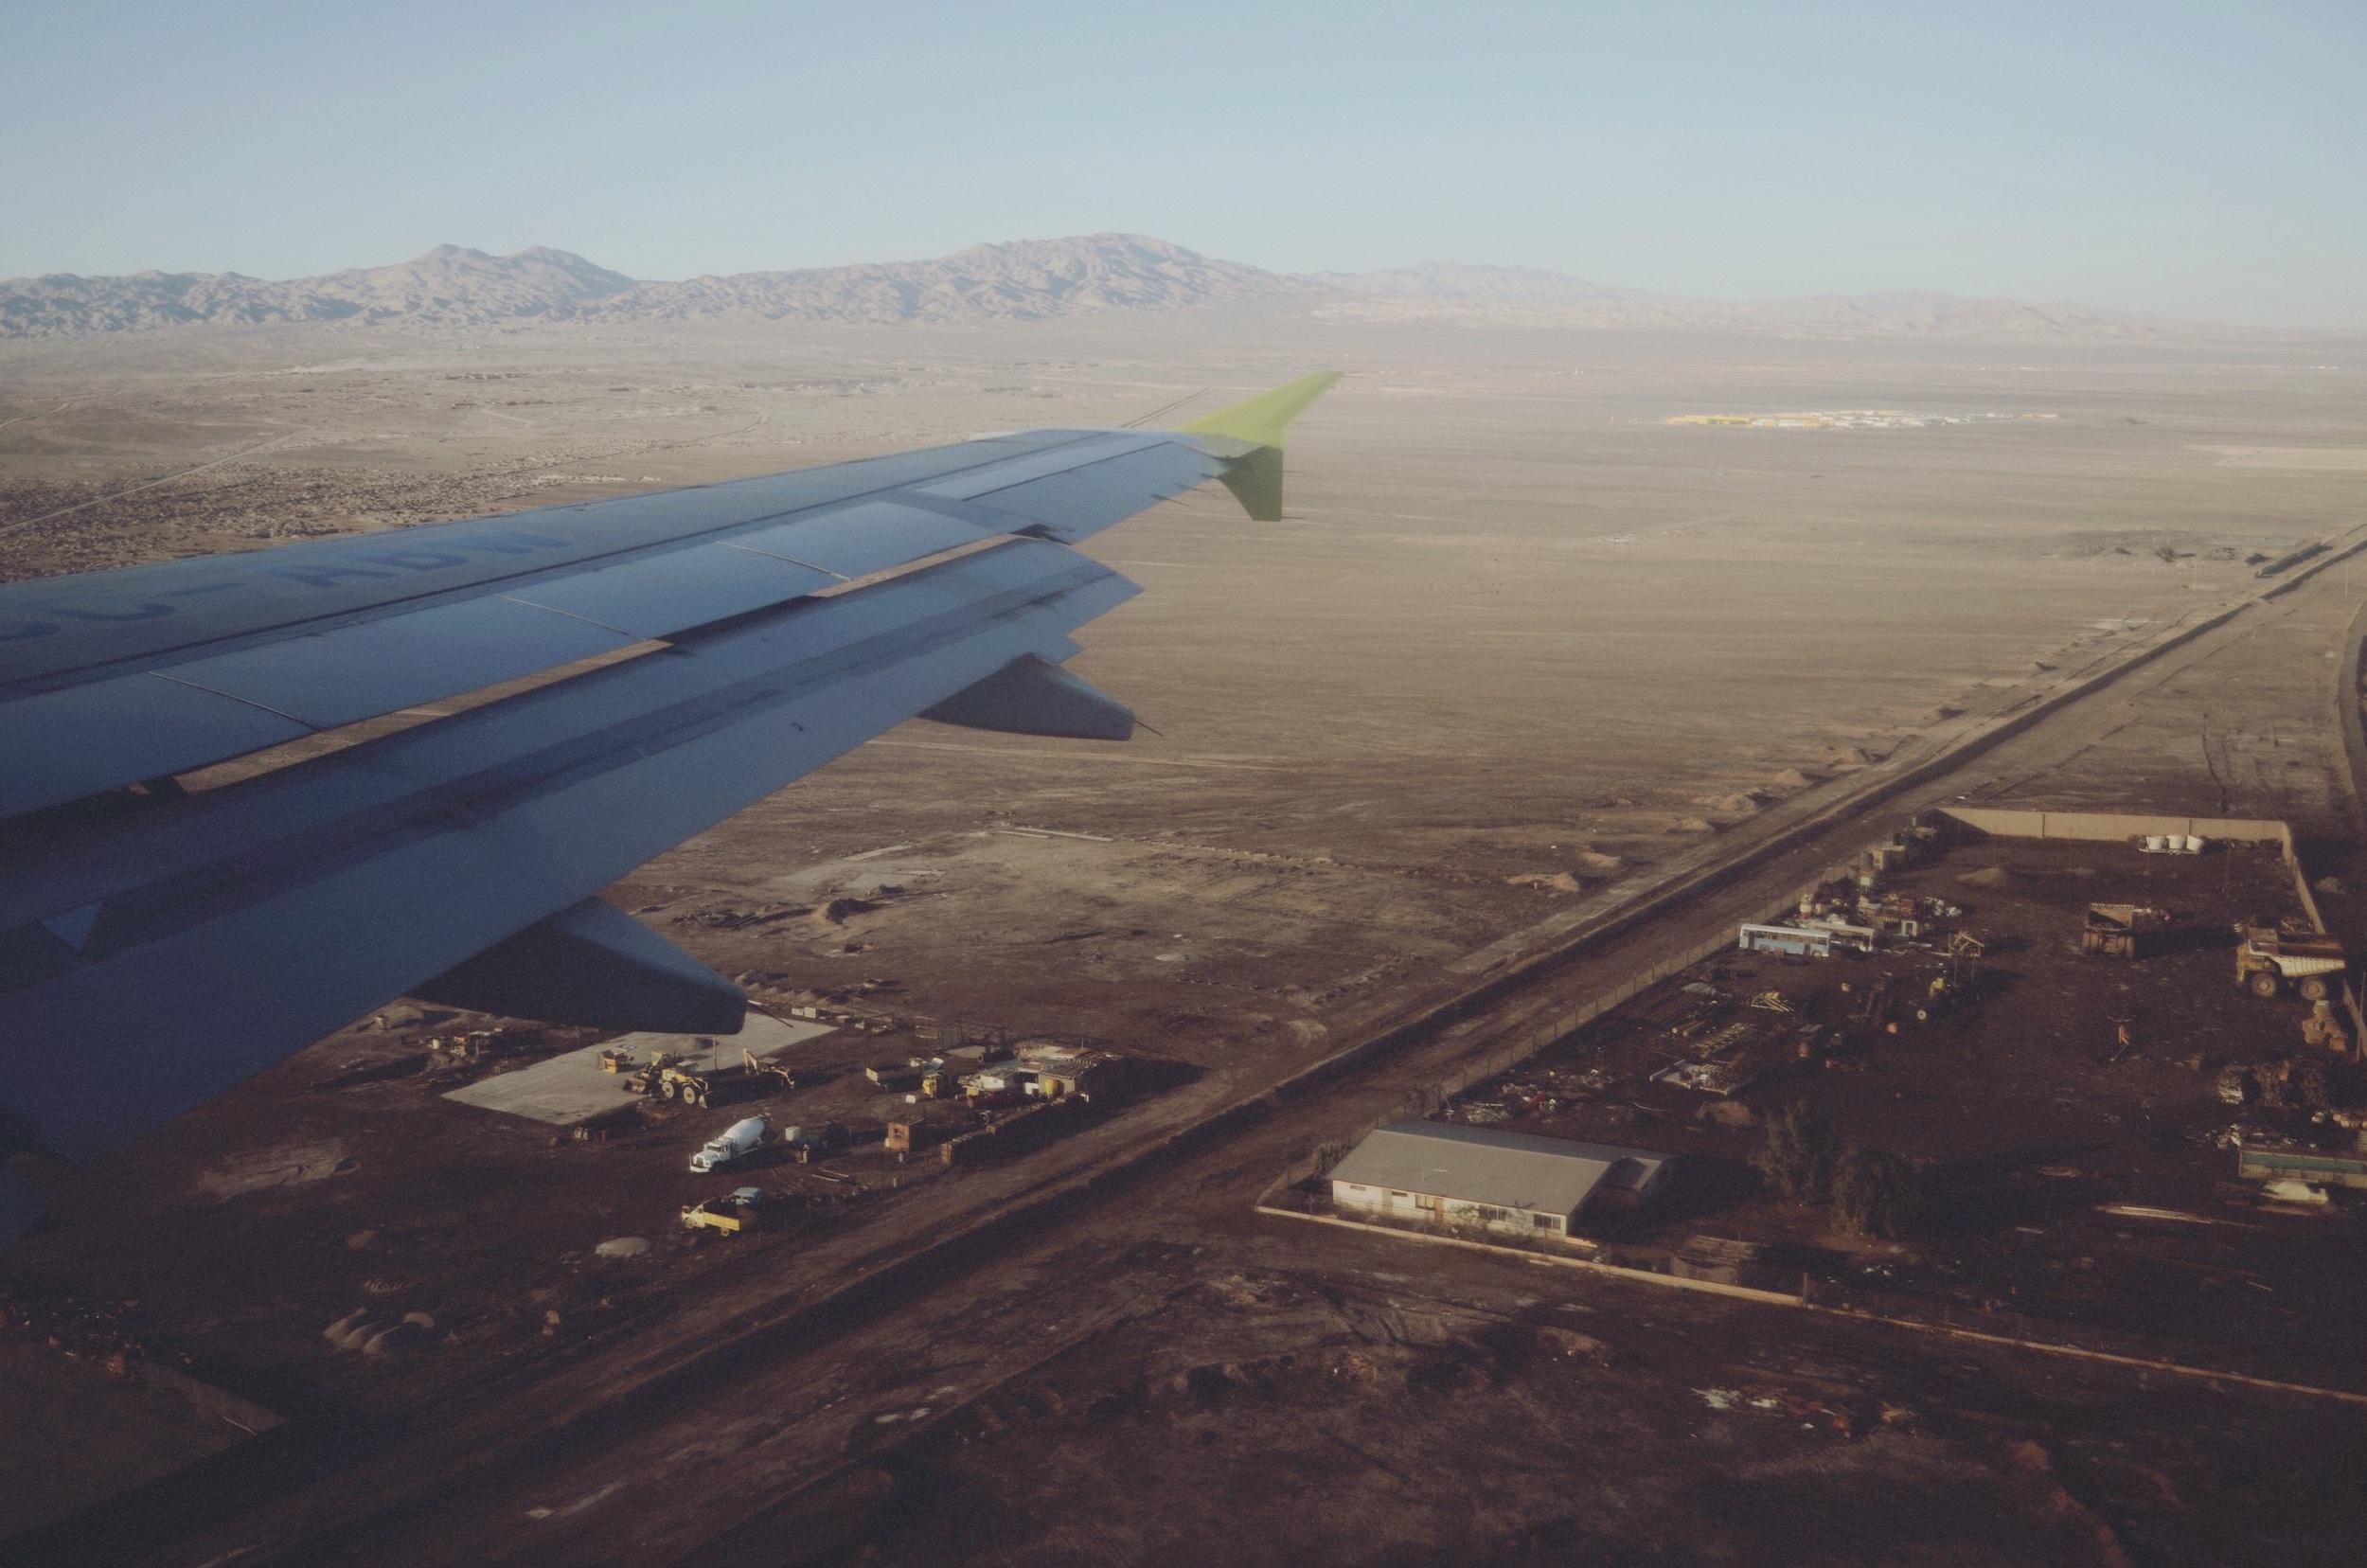 Landing in Calama, Chile // 16 april 2015